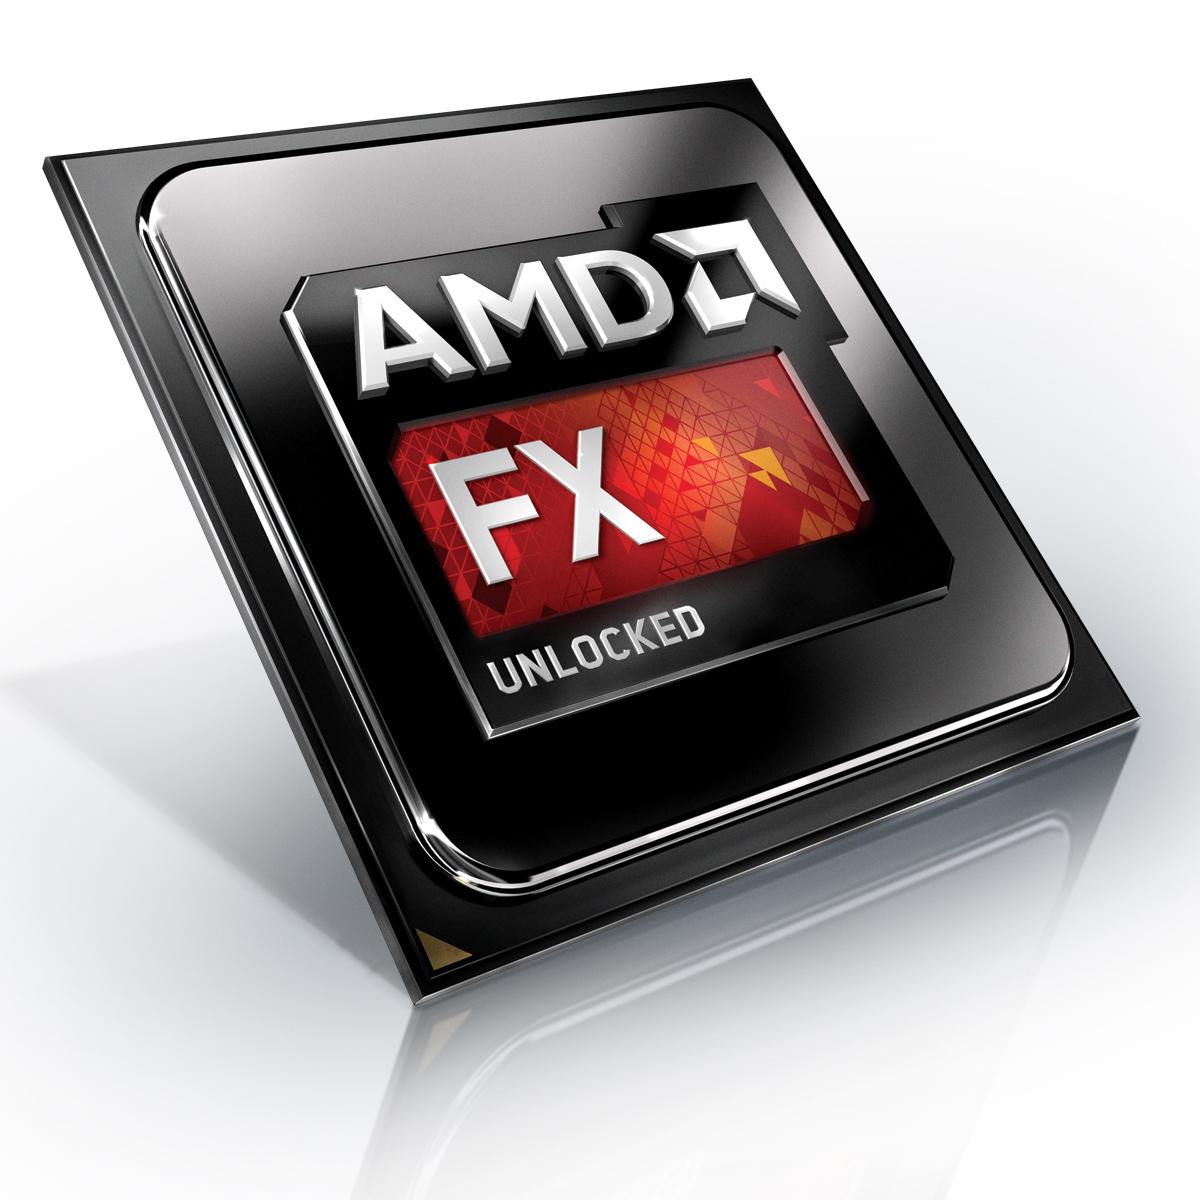 Processeur AMD FX 8320E Black Edition (3.2 GHz) Processeur 8-Core socket AM3+ Cache L3 8 Mo 0.032 micron TDP 95W (version boîte - garantie constructeur 3 ans)